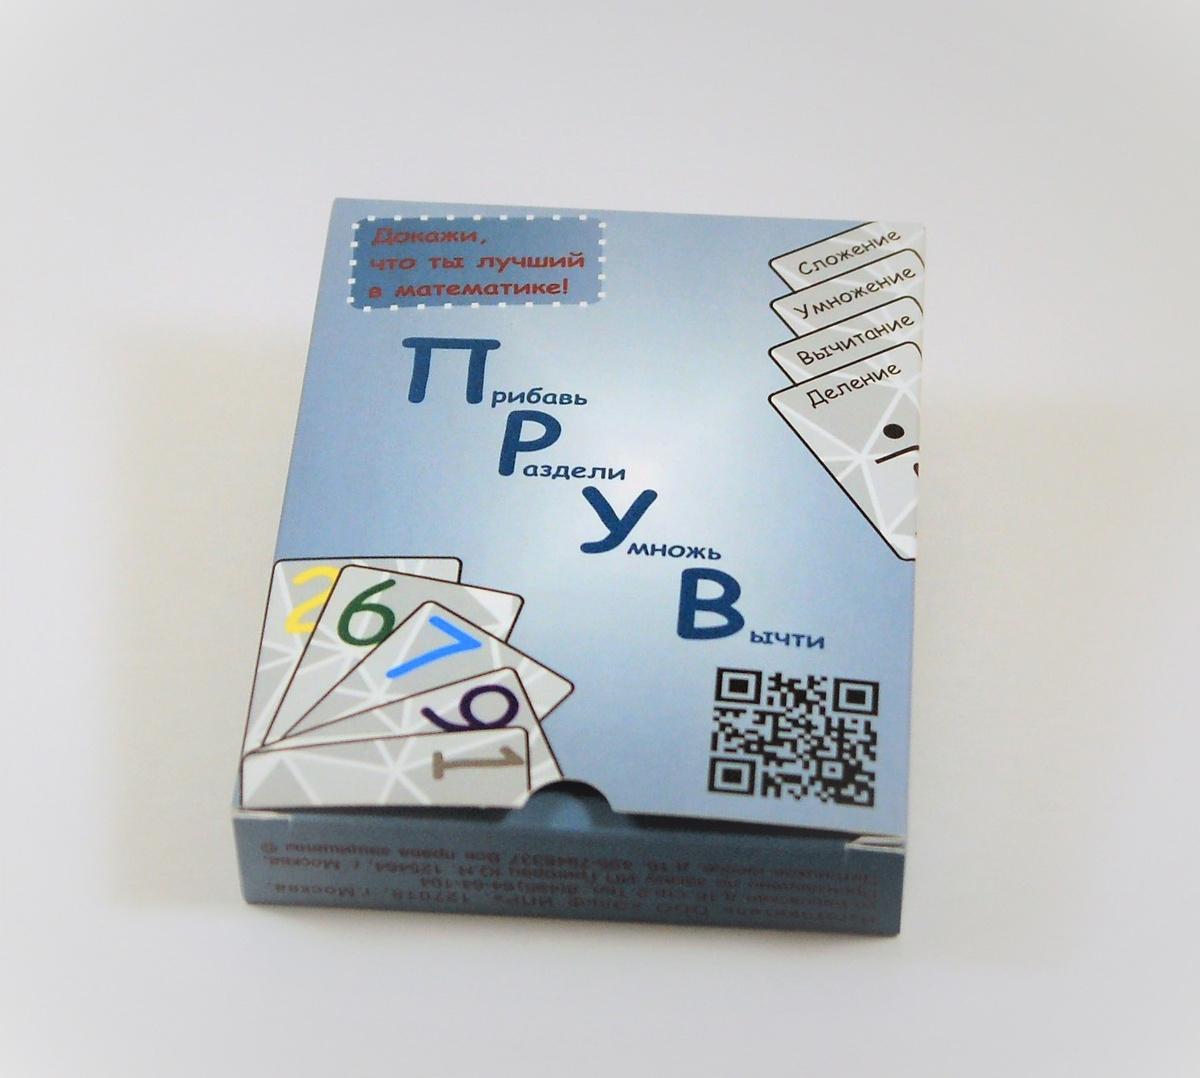 Обучающая игра Игровая мастерская ИНДИГО ПРУВ настольная математическая игра  #1